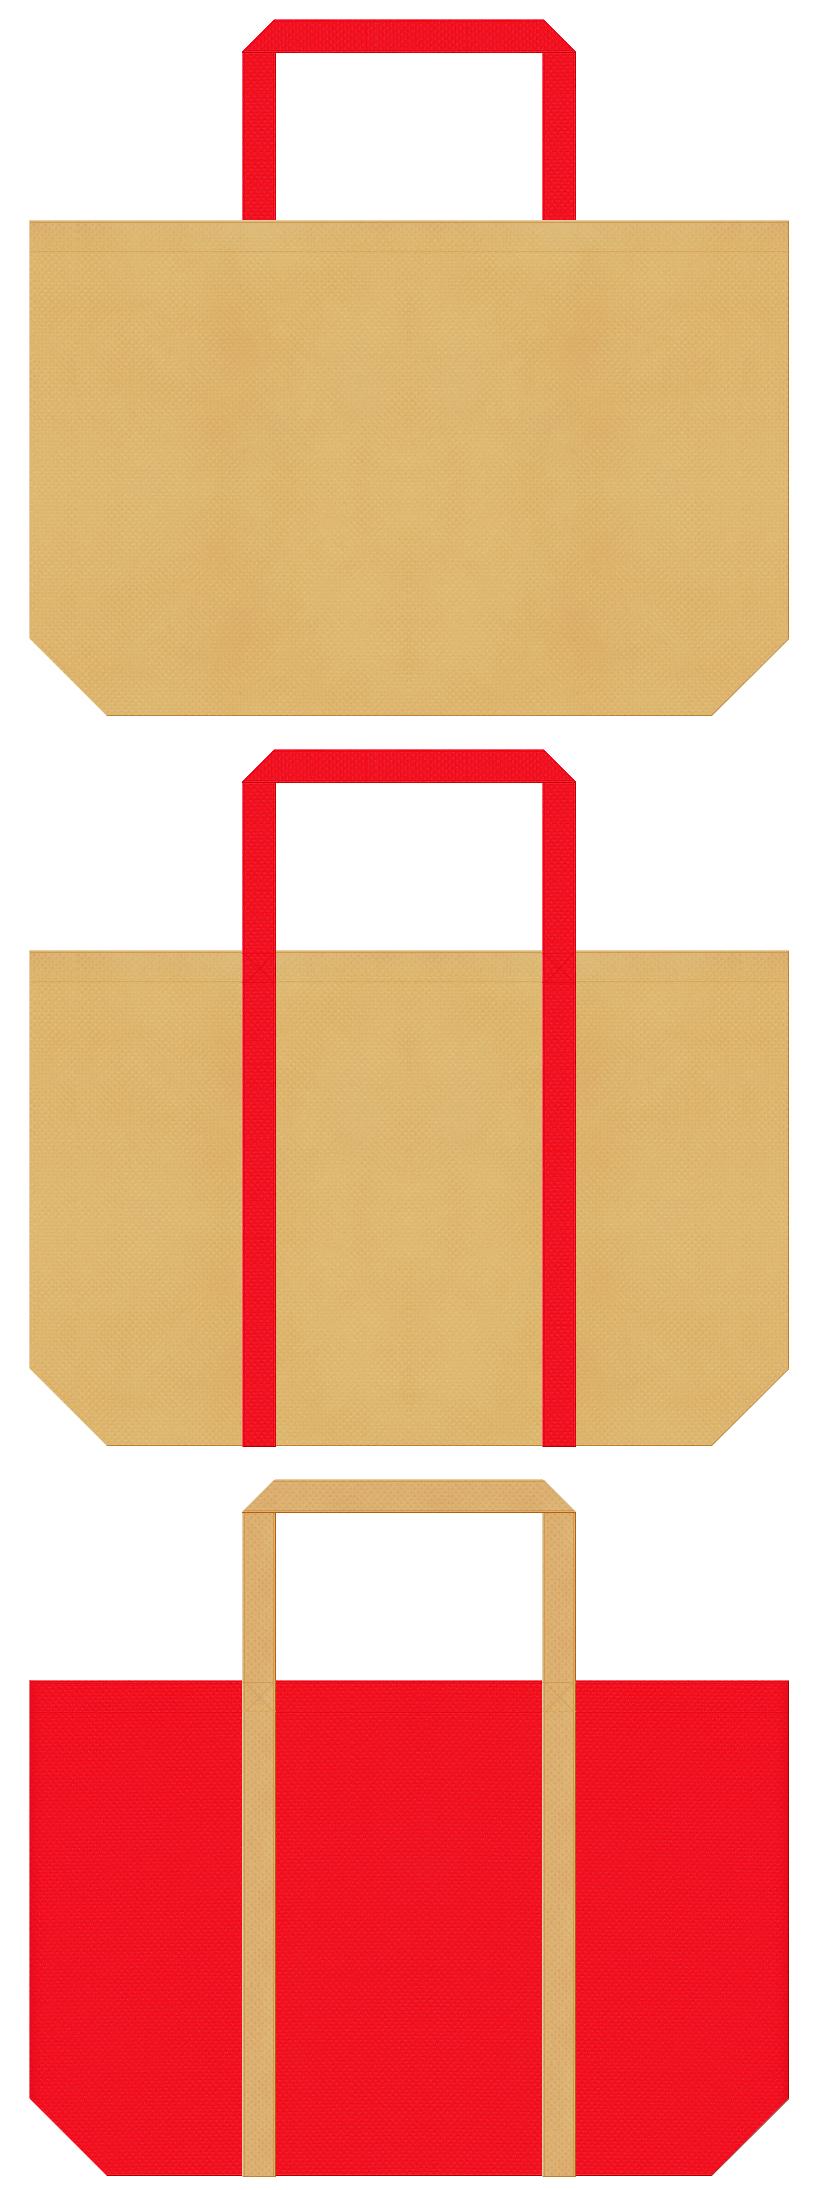 薄黄土色と赤色の不織布ショッピングバッグデザイン。節分用品のショッピングバッグにお奨めです。